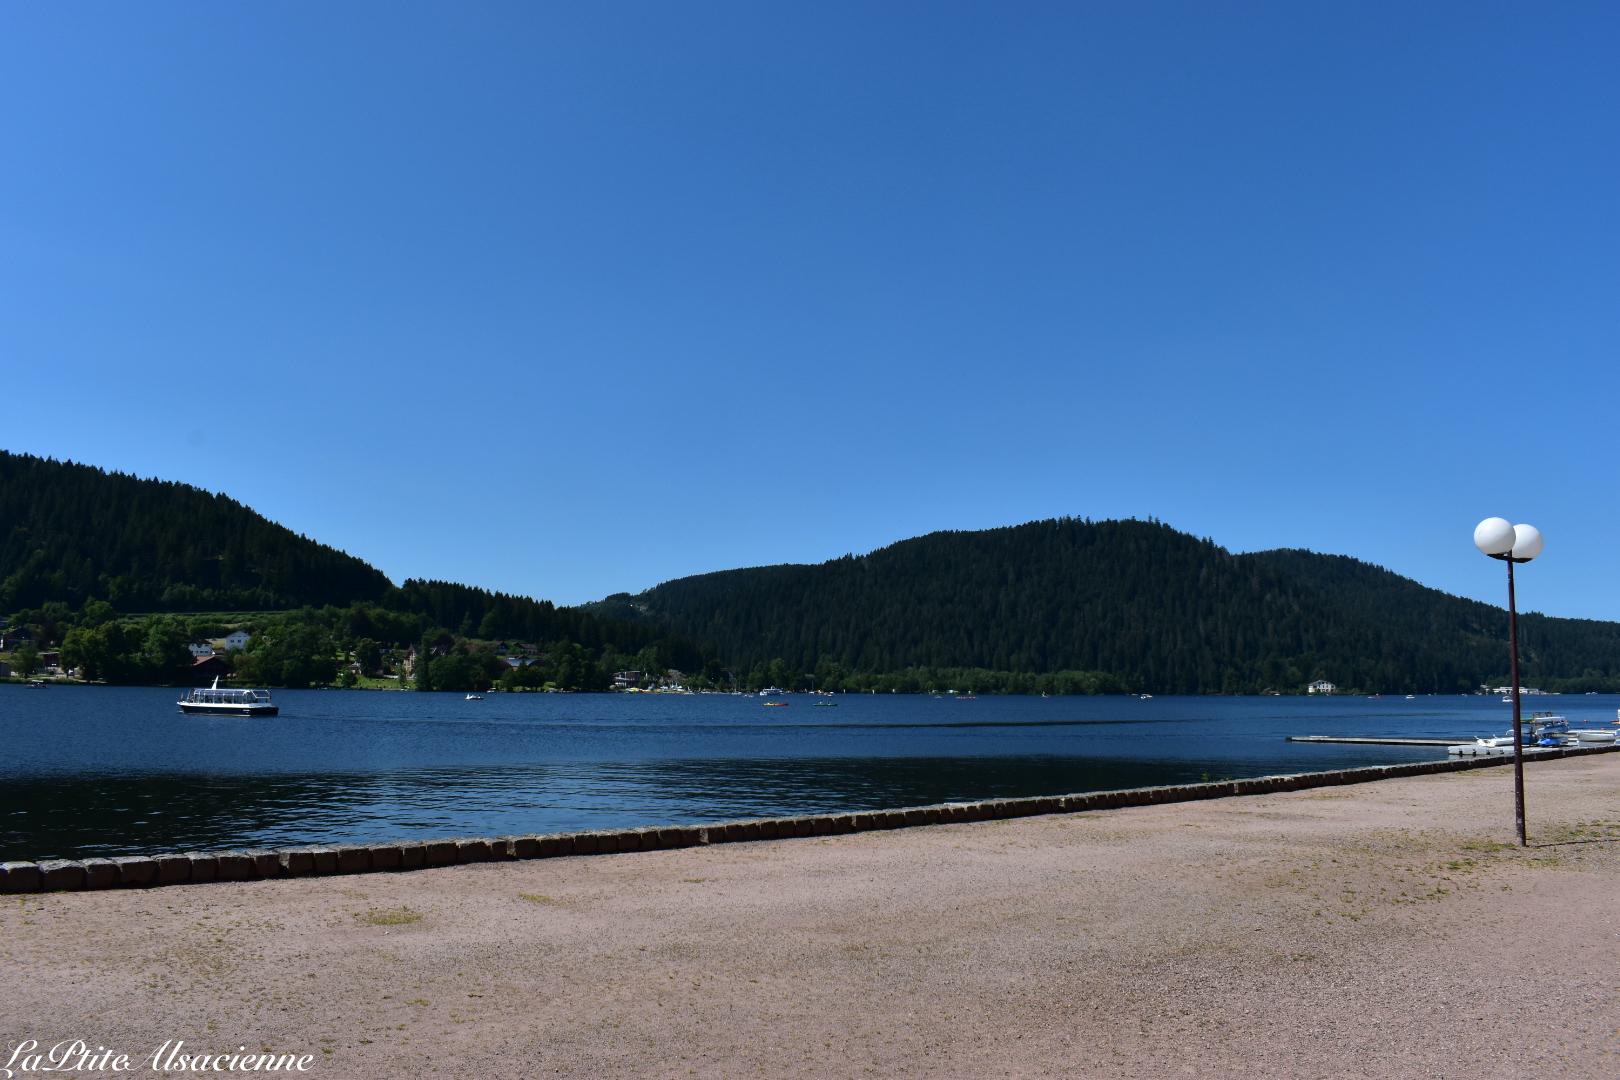 Lac de Gérardmer - Photo de Cendrine Miesch dite LaPtiteAlsacienne